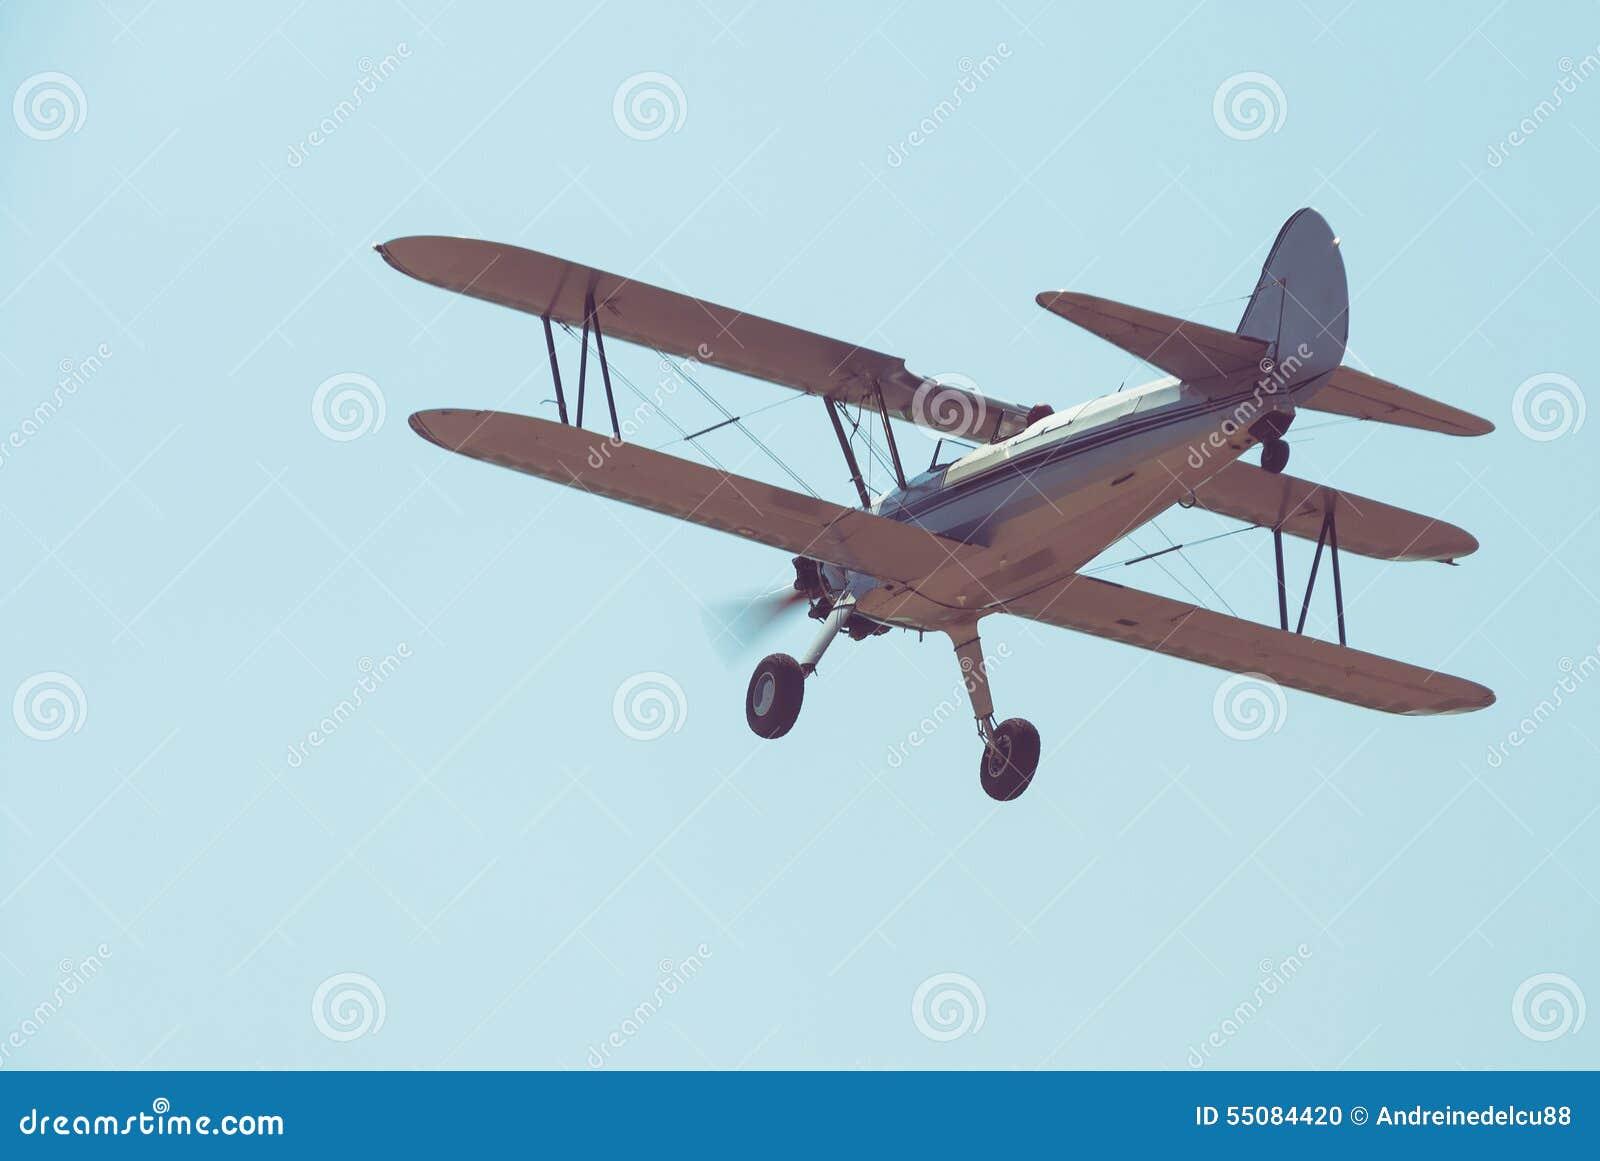 Retro aereo